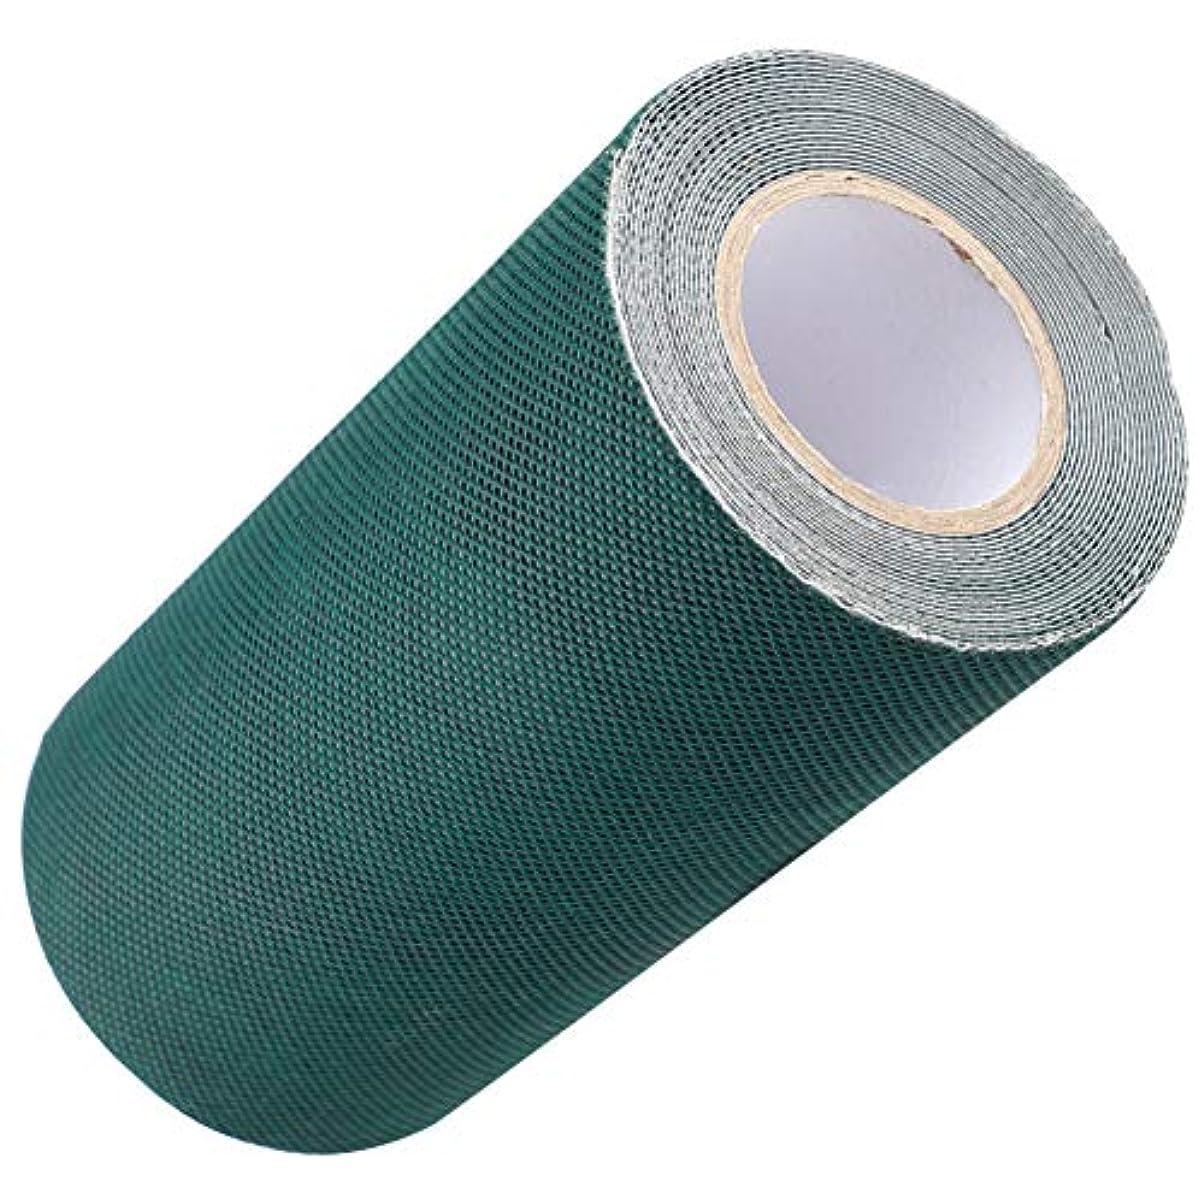 再編成する育成再編成するDOMO 人工芝接着布 人工芝粘着テープ 芝スプライスベルト 15cm*5M グリーン